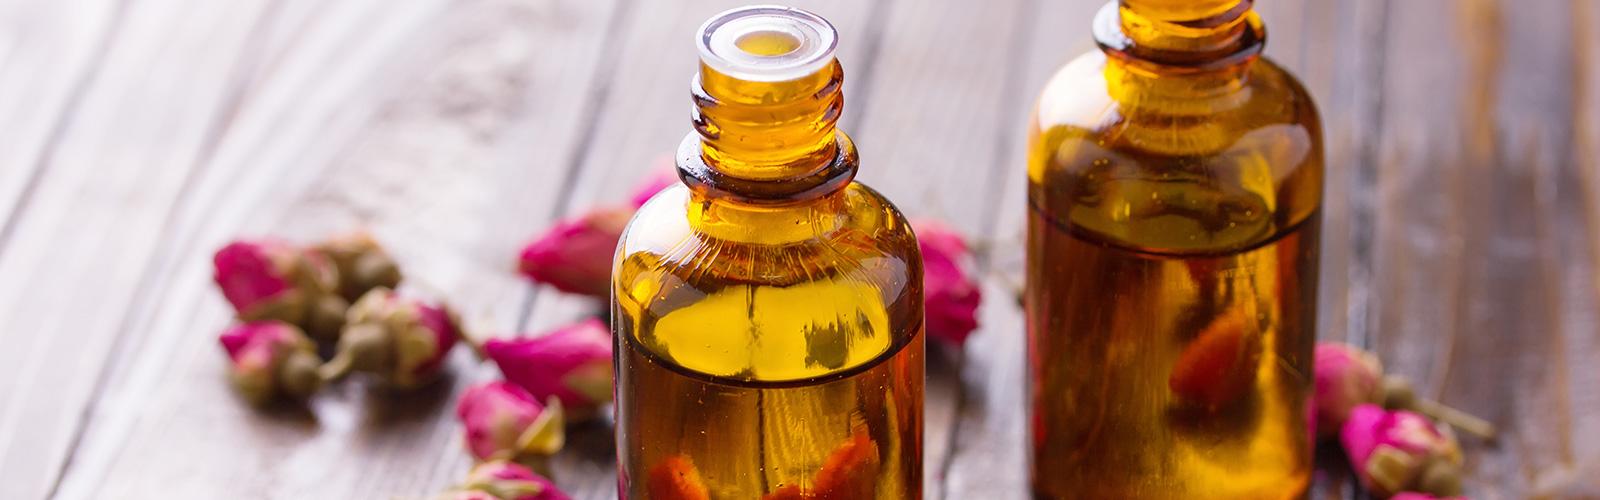 Massagem com óleos essenciais